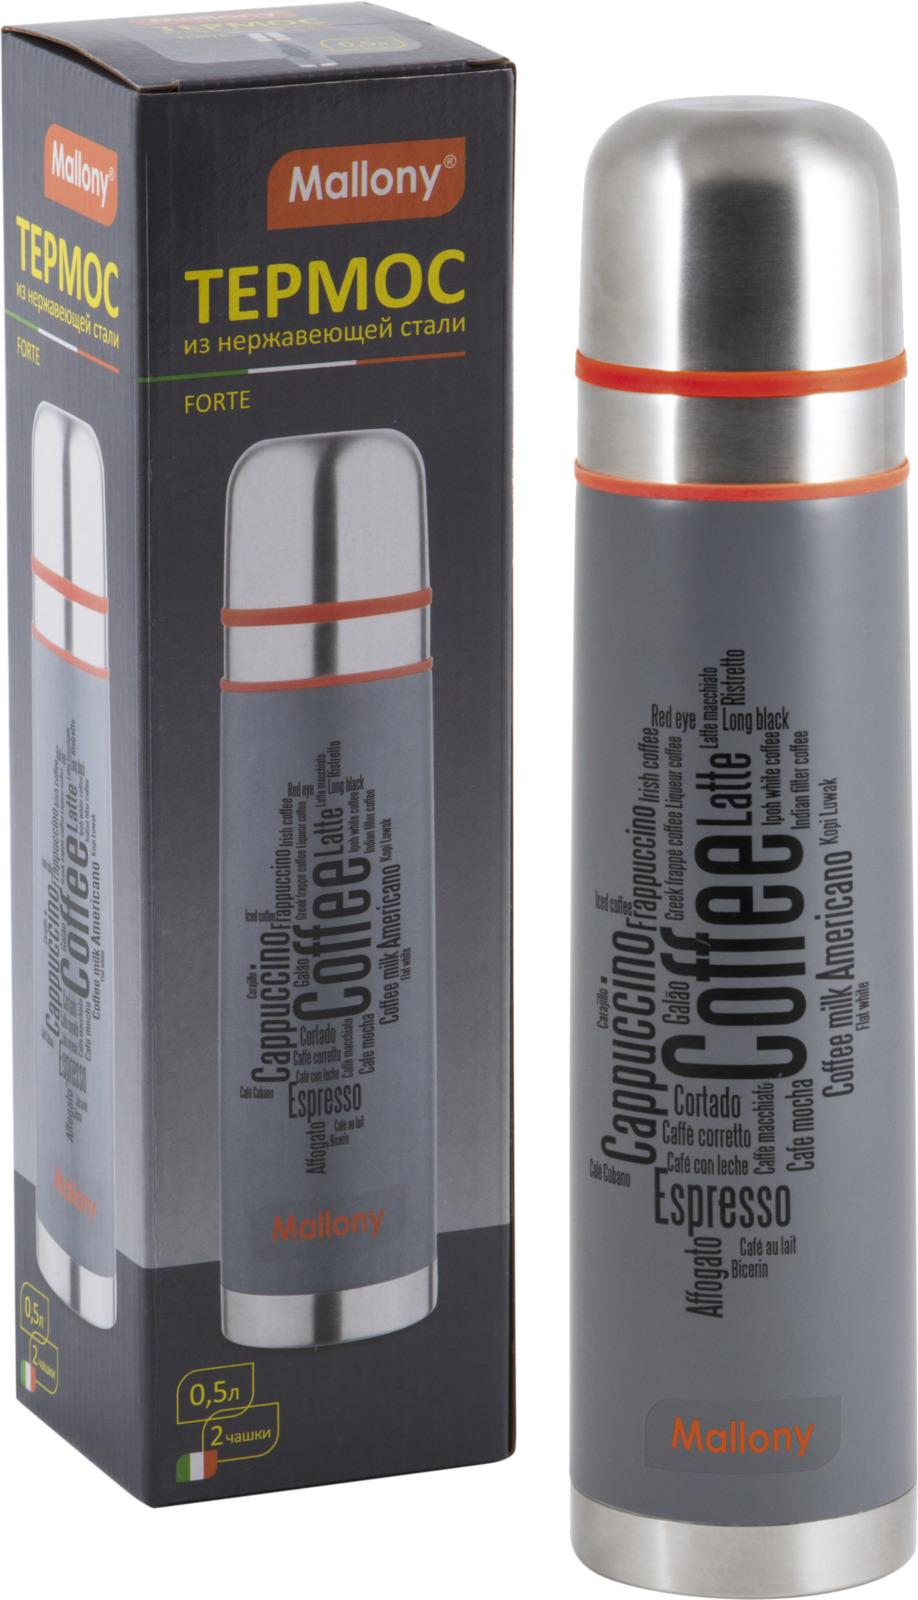 Термос Mallony Forte, с двойными стенками, цвет: серый, 500 мл3694Колба и корпус из нерж стали с двойными стенками. Герметичный клапан (пробка) с кнопкой. В комплекте 2 чашки. Материал: сталь, силикон, пластик Упаковка - картонная коробка